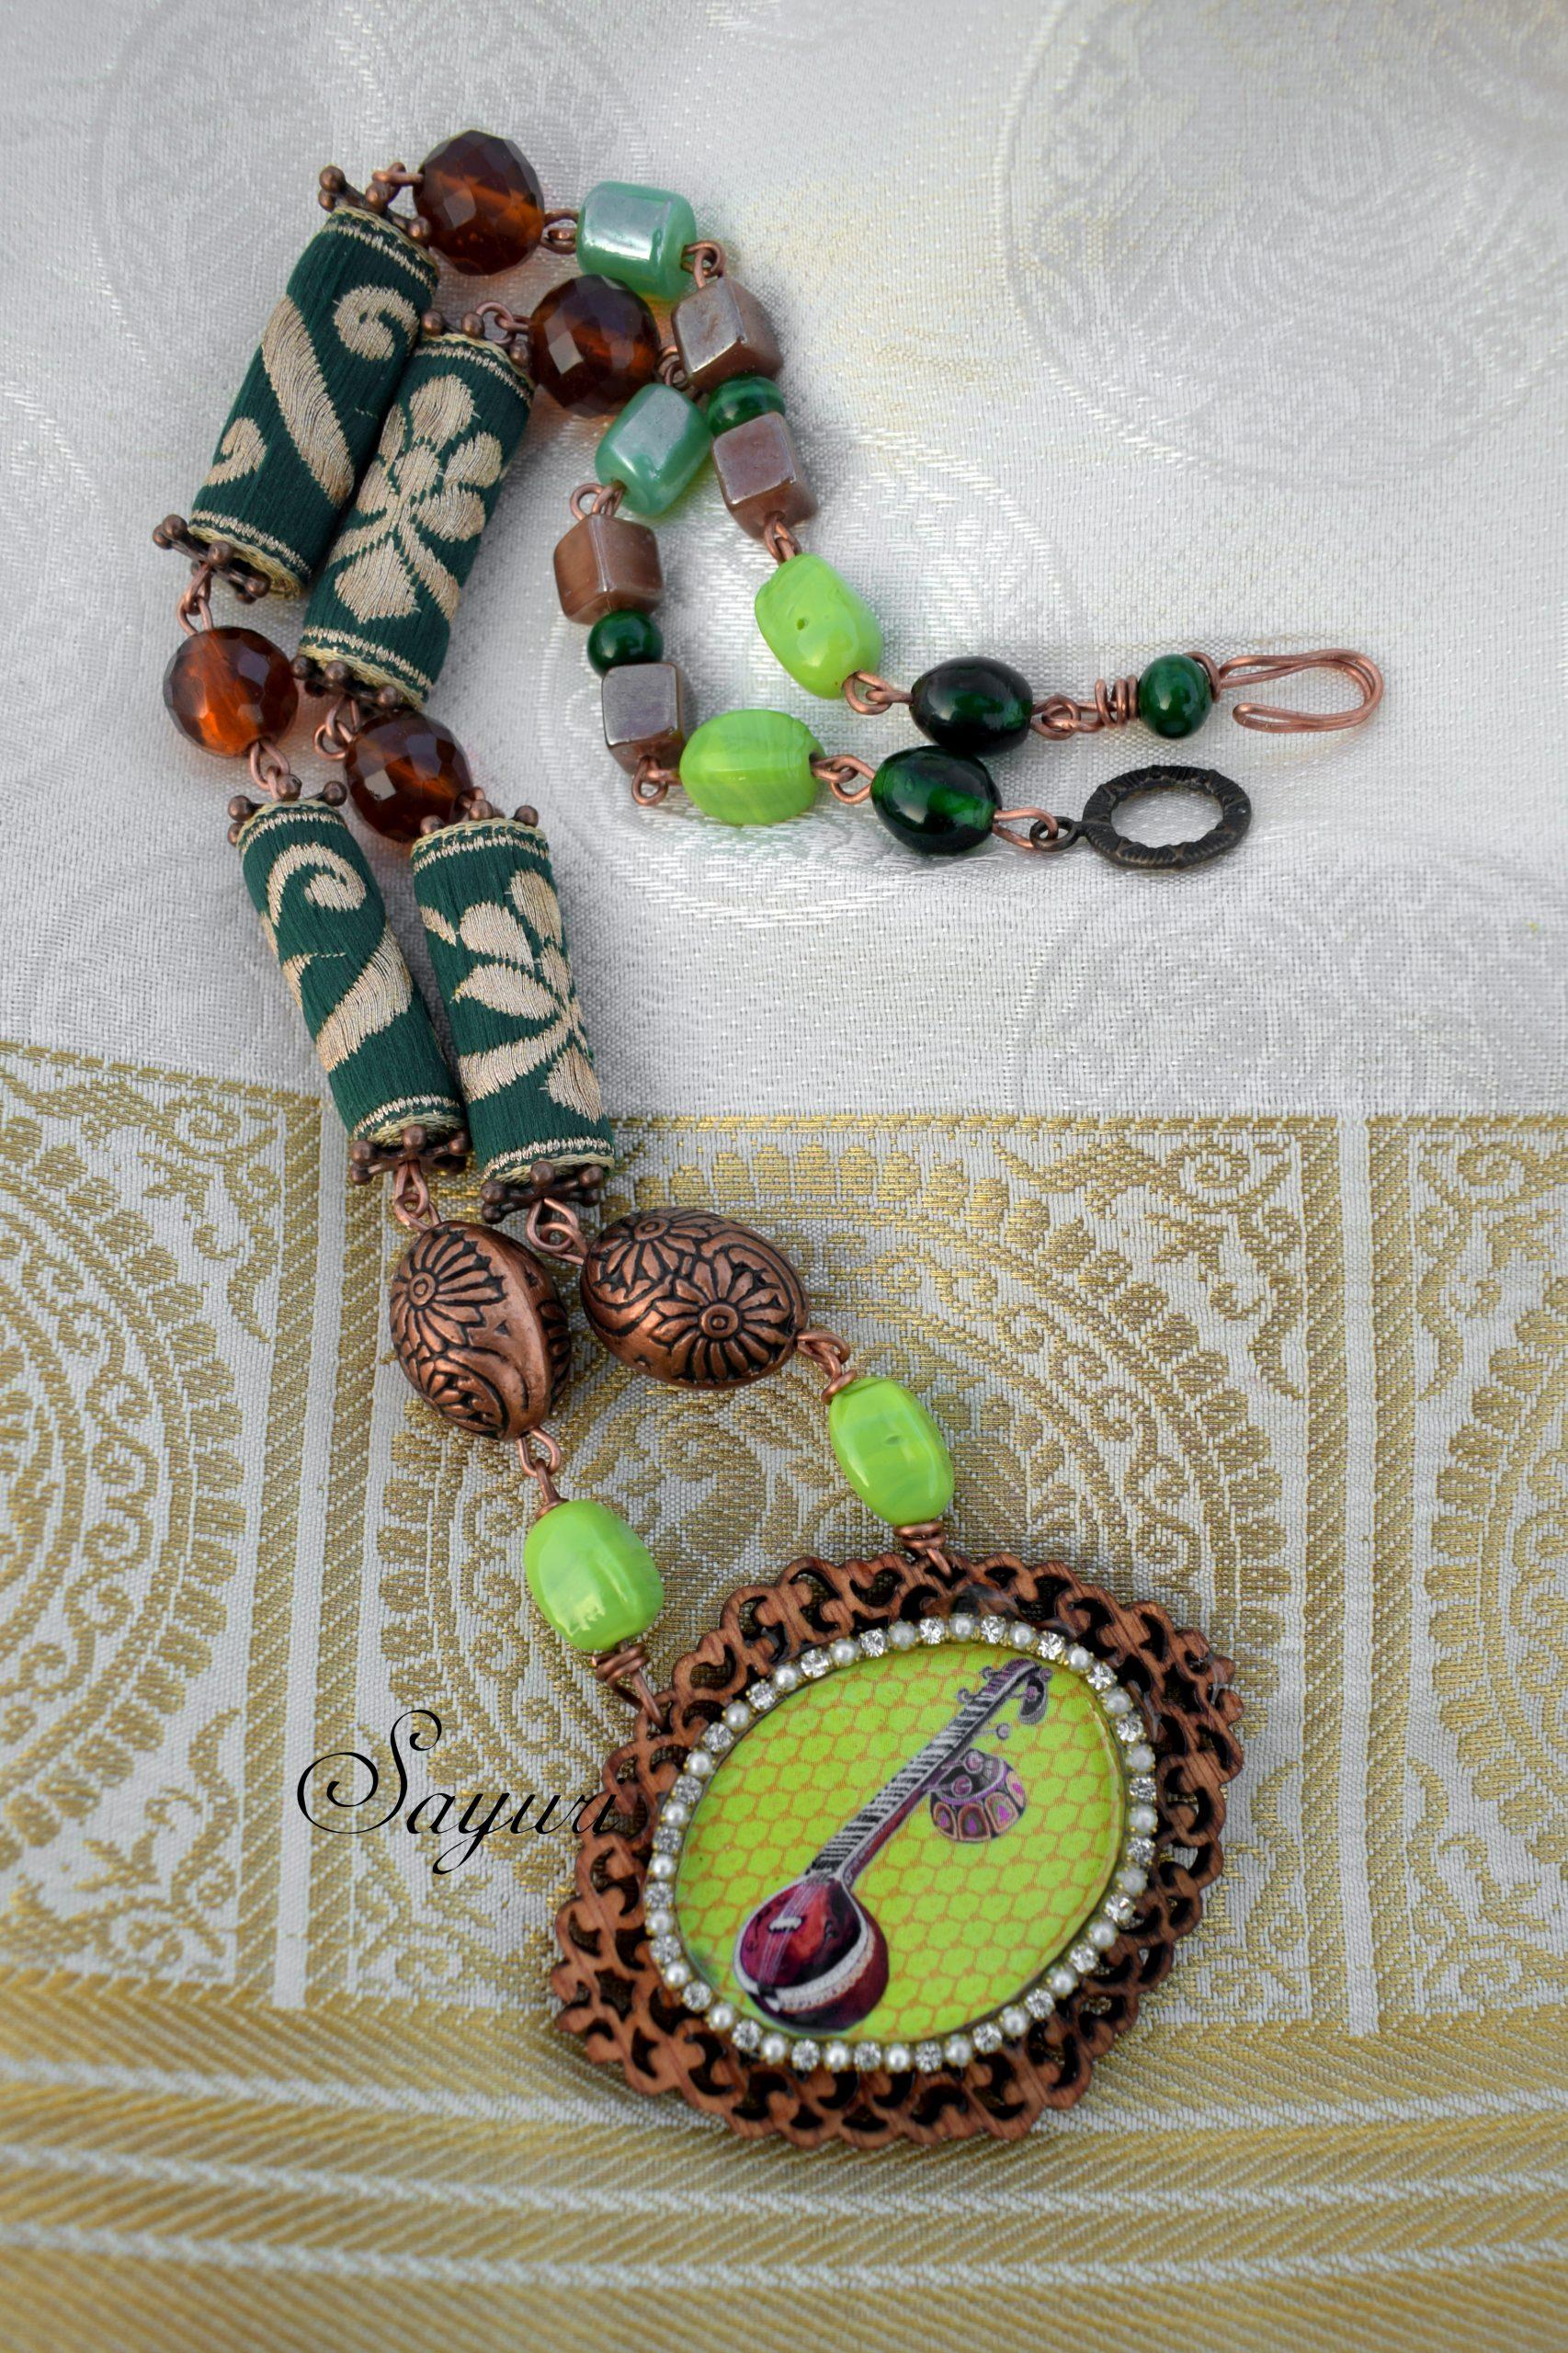 Veena necklace